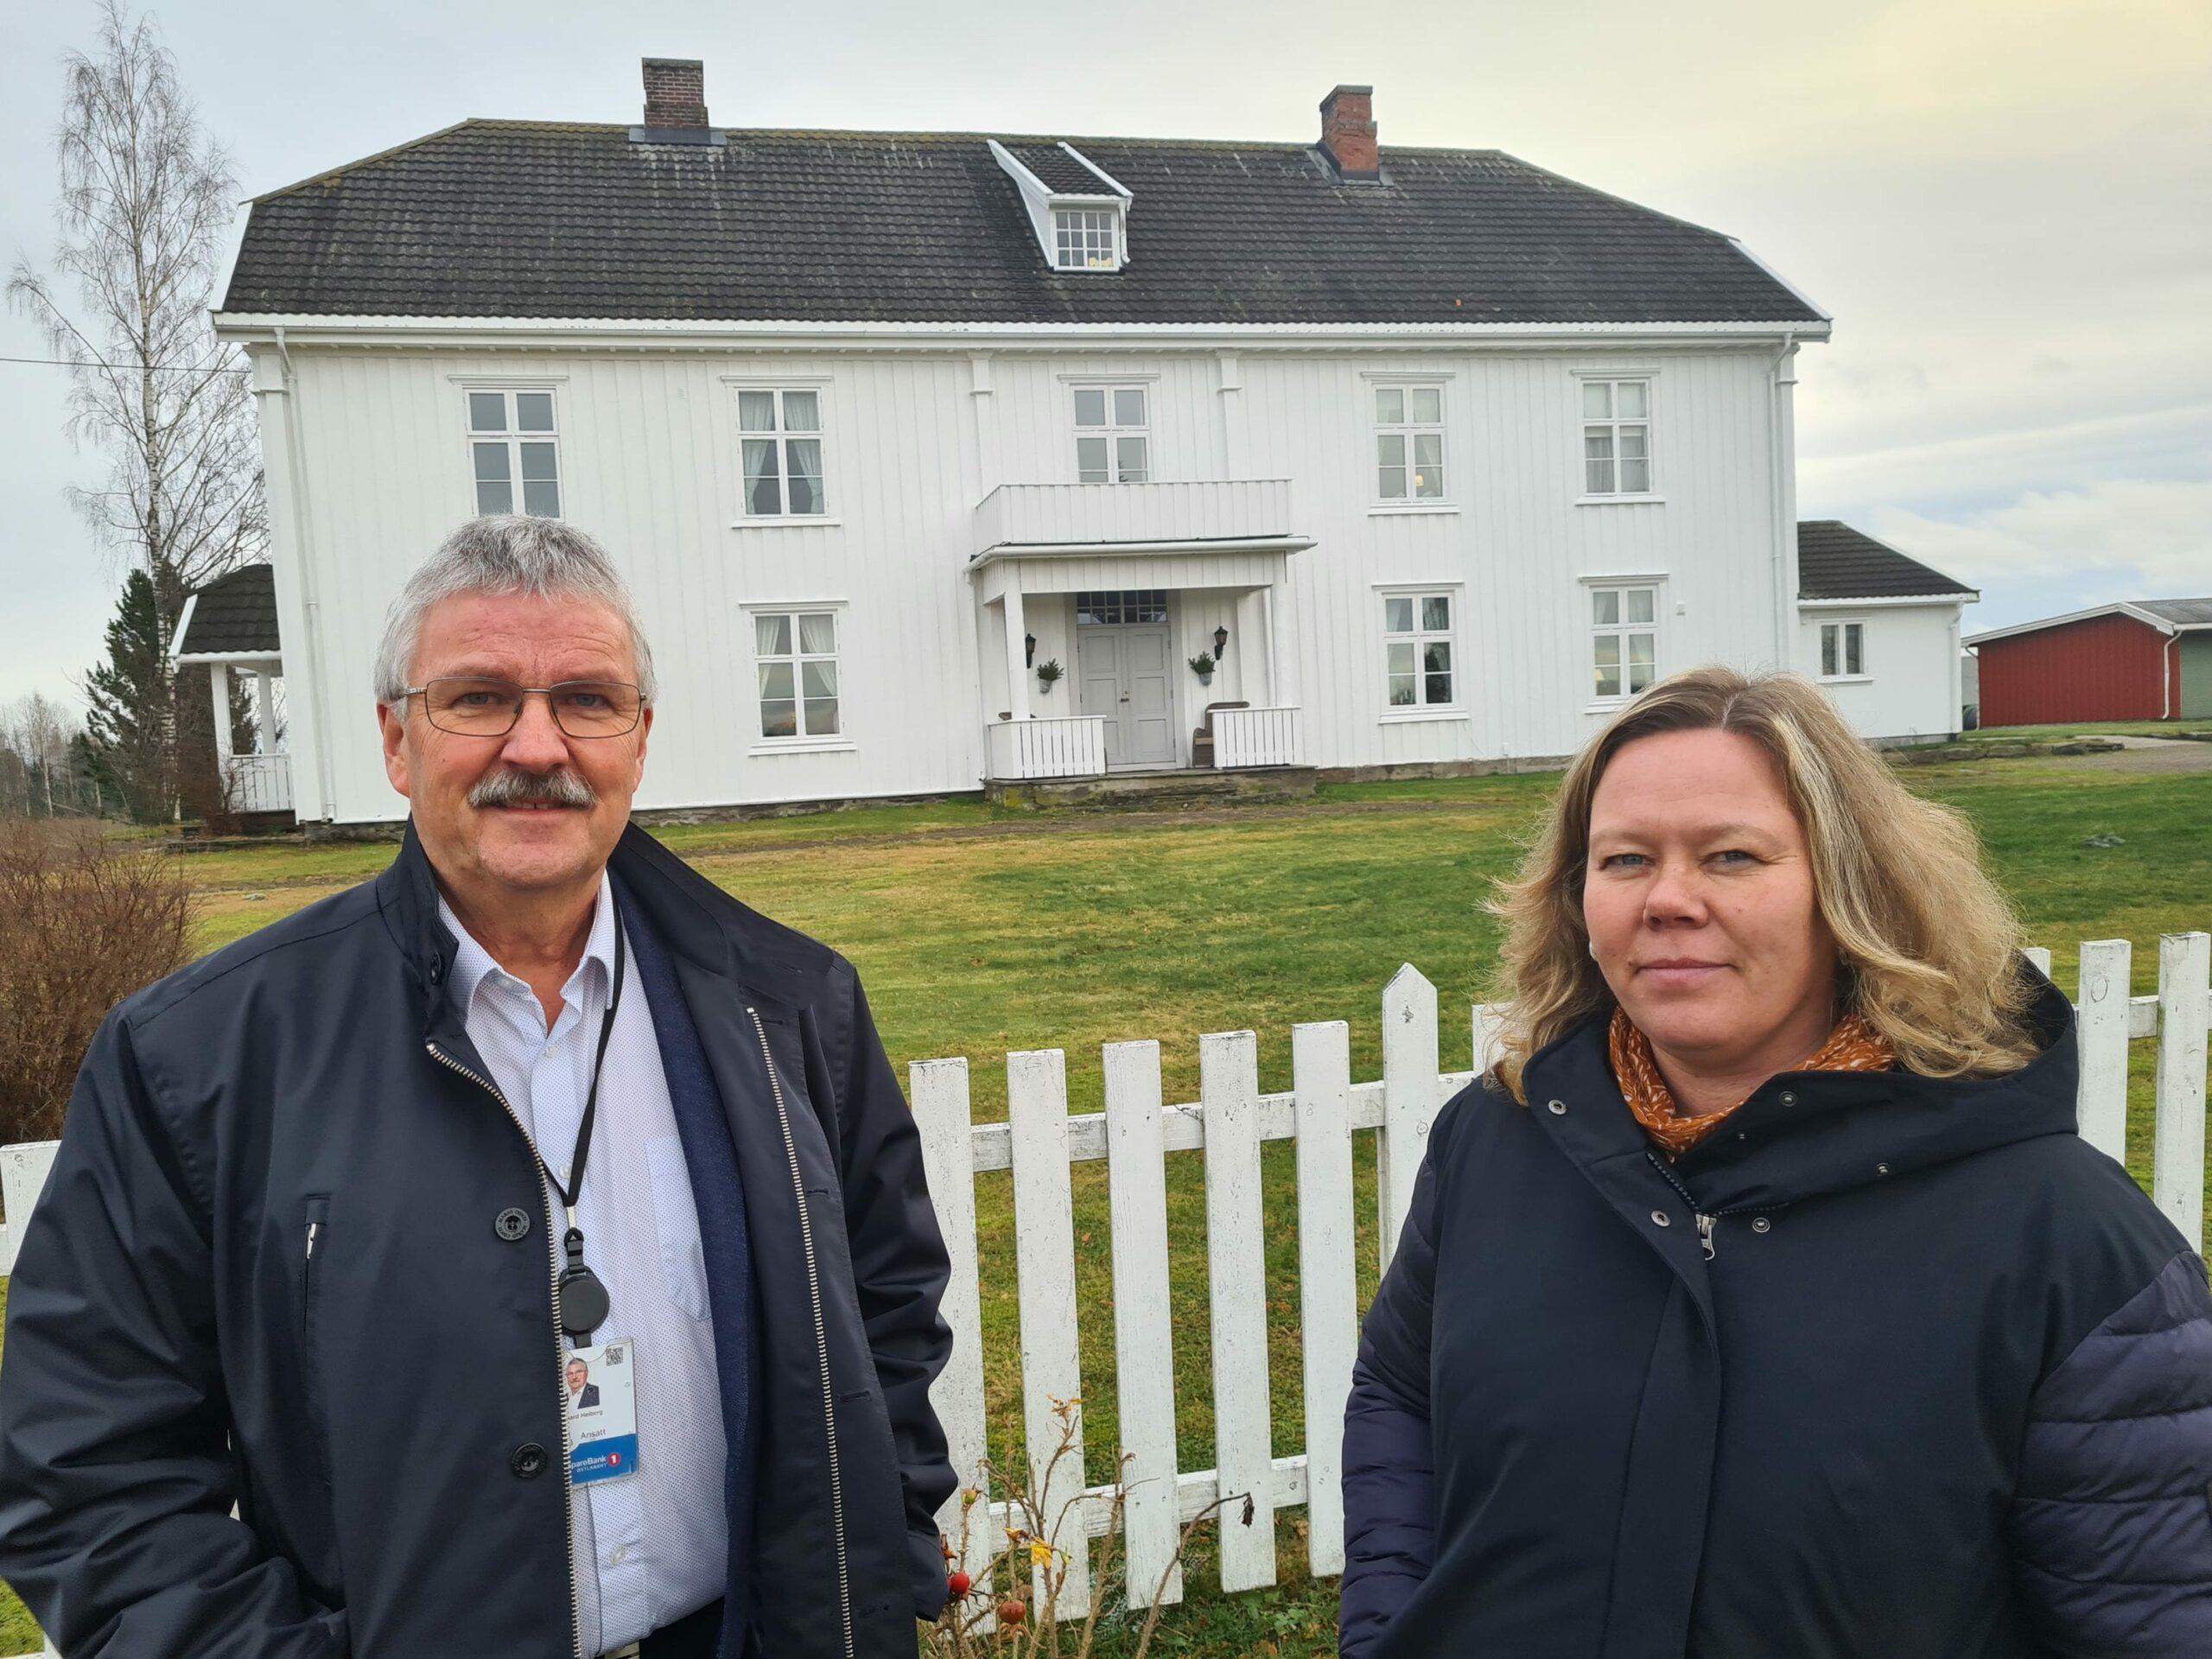 HER STARTET DET: I denne bygningen ble Hof Sparebank etablert i 1875. Konsernsjef Richard Heiberg og avdelingsbanksjef Annica Sørlundsengen var på besøk i Hof for å mimre i slutten av november.